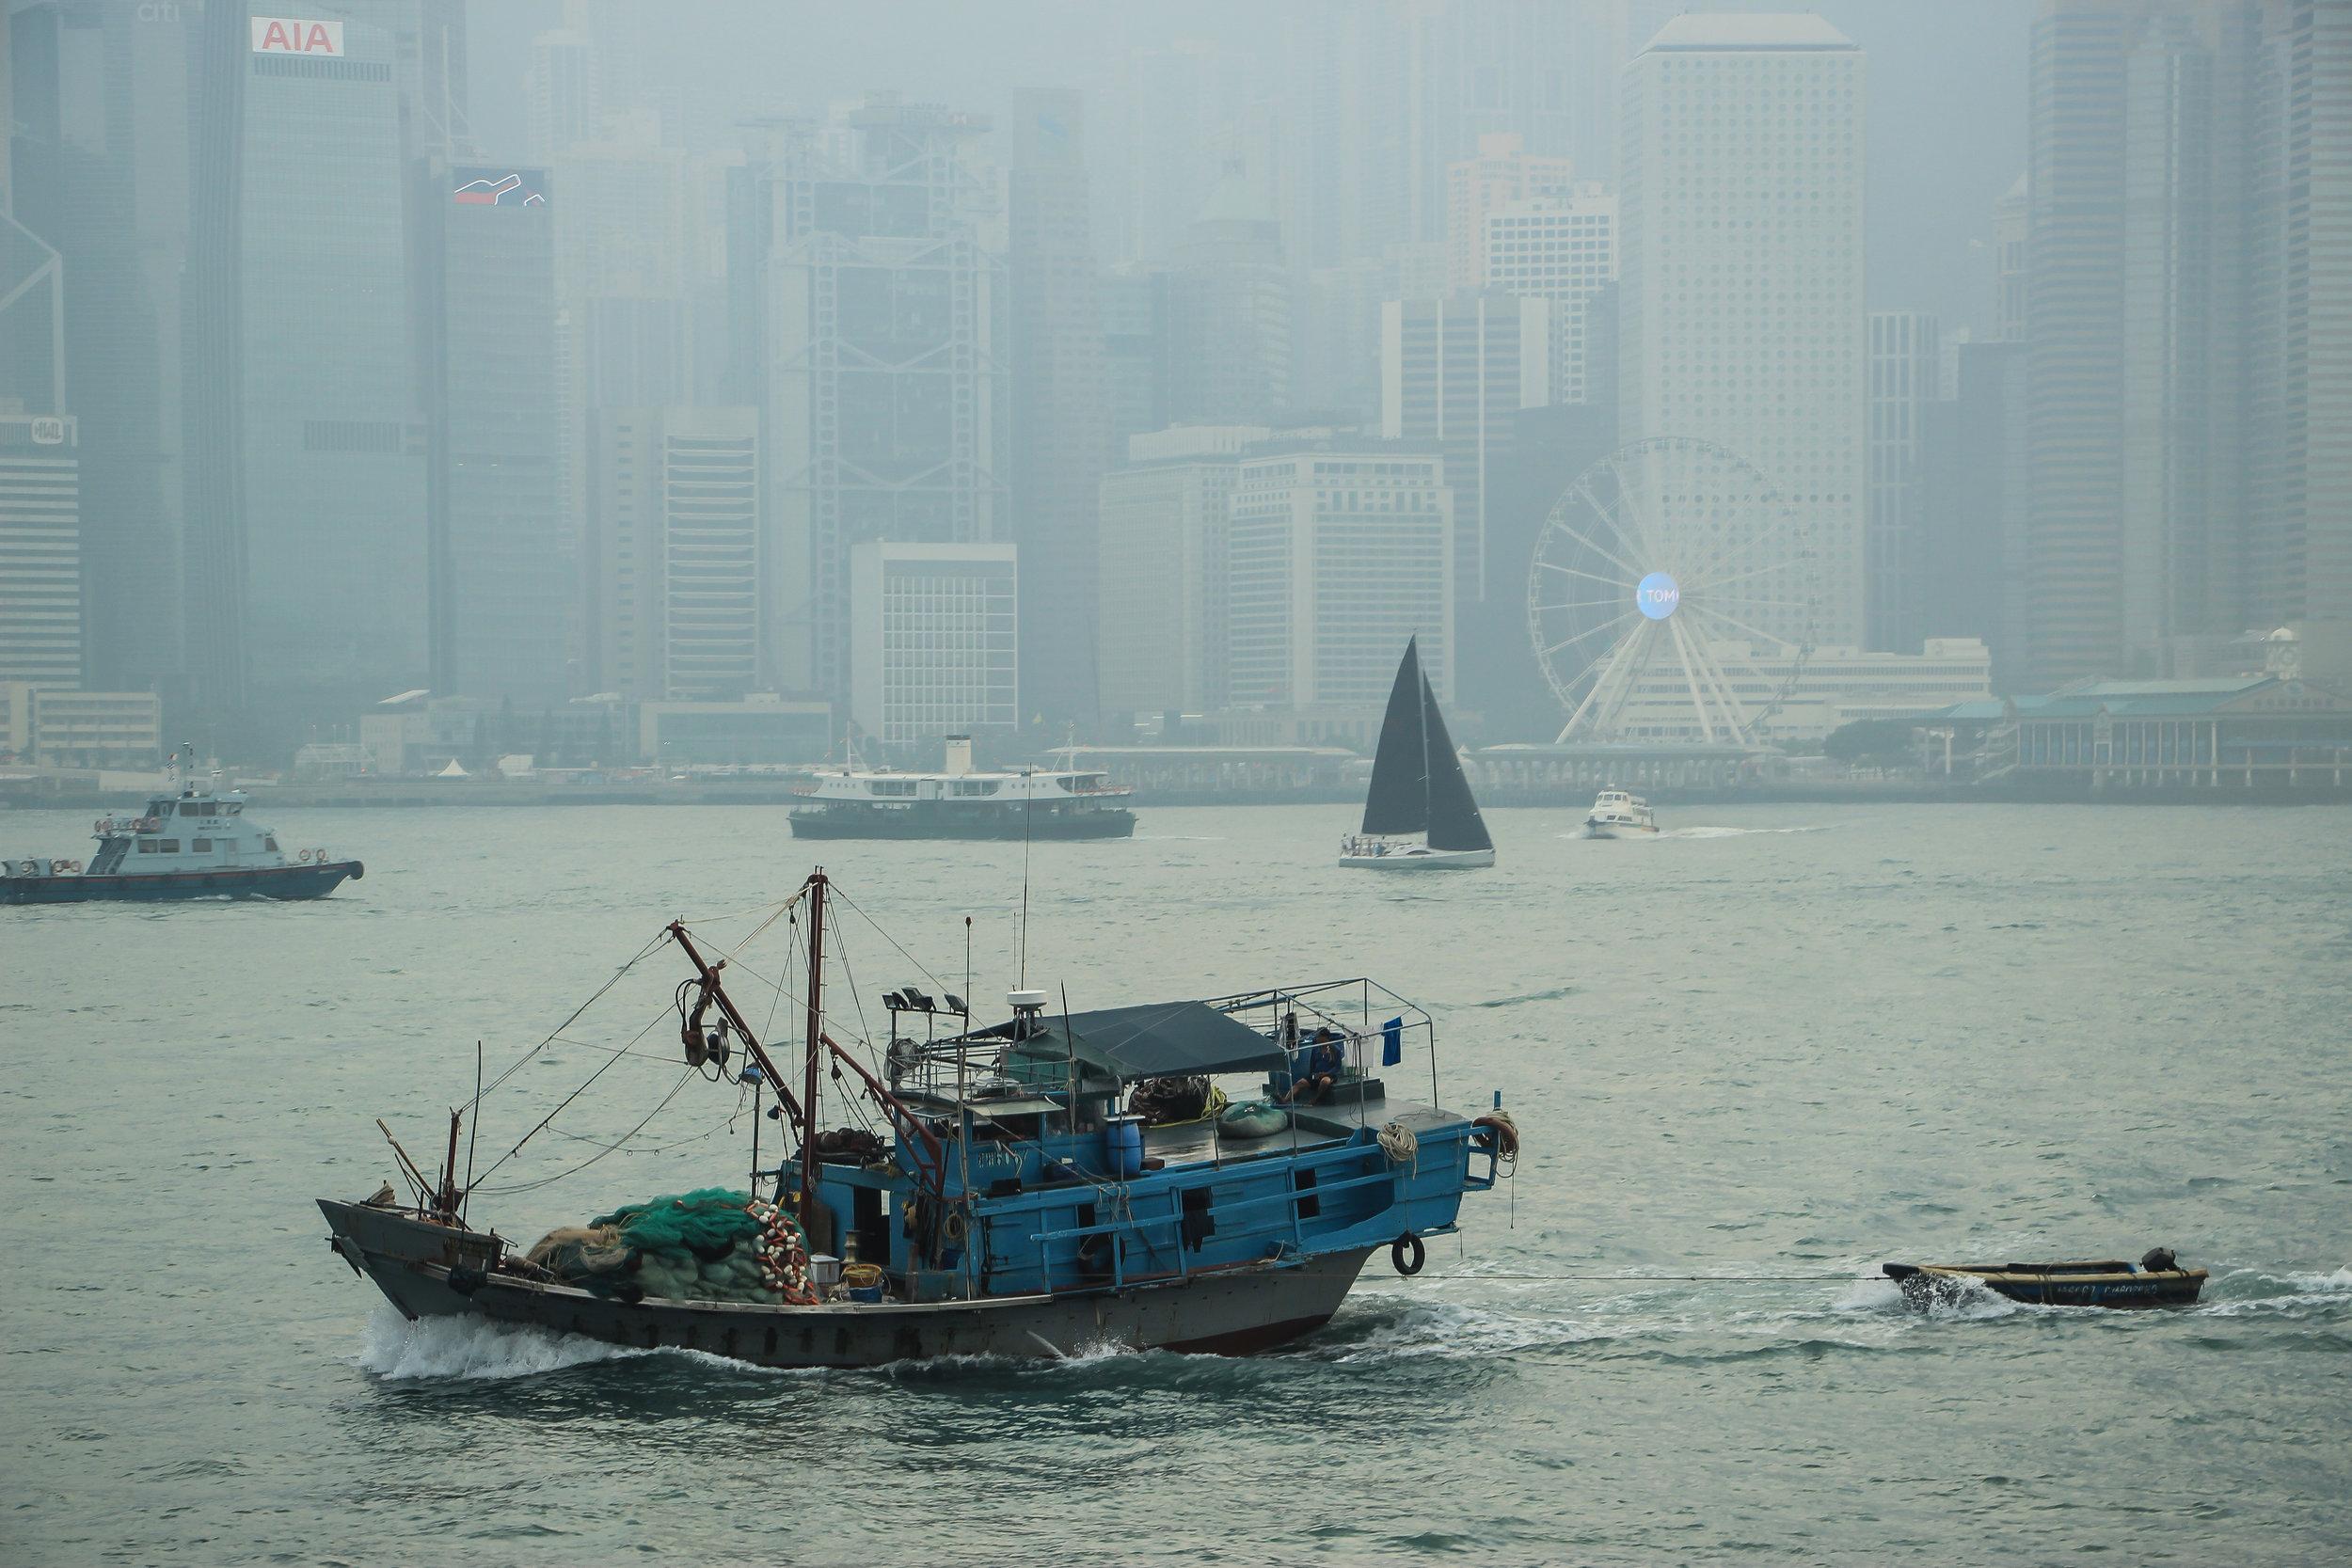 HONG KONG, HONG KONG ISLAND, SOUTH CHINA SEA, people, life, work, recreation, air pollution, travel, ASIA | DOLESSGETMOREDONE.COM |